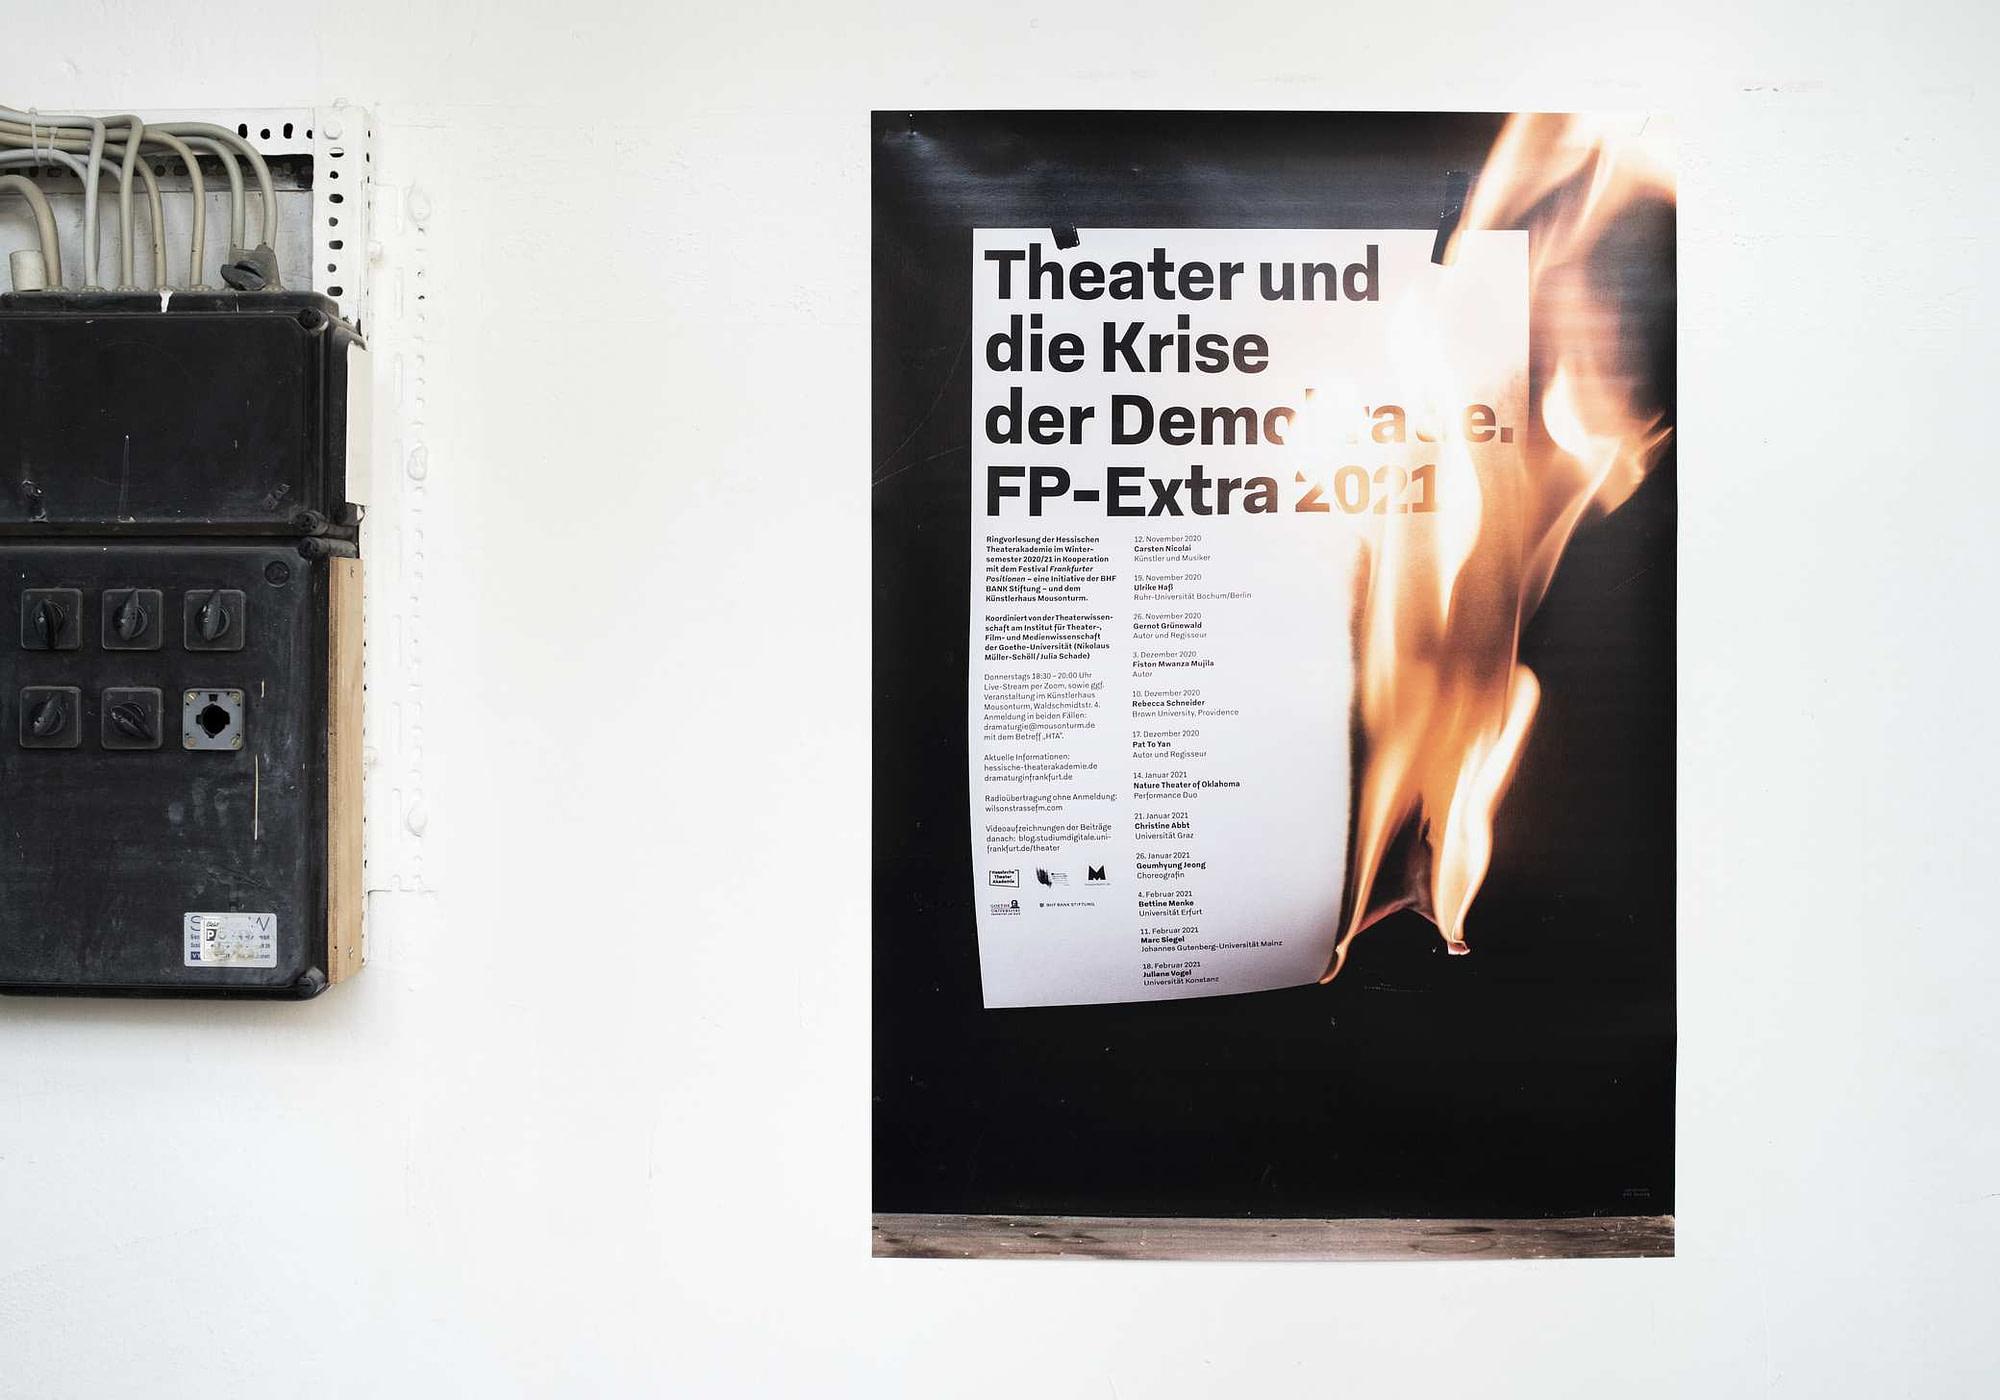 krise-der-demokratie-poster-2080x1456px